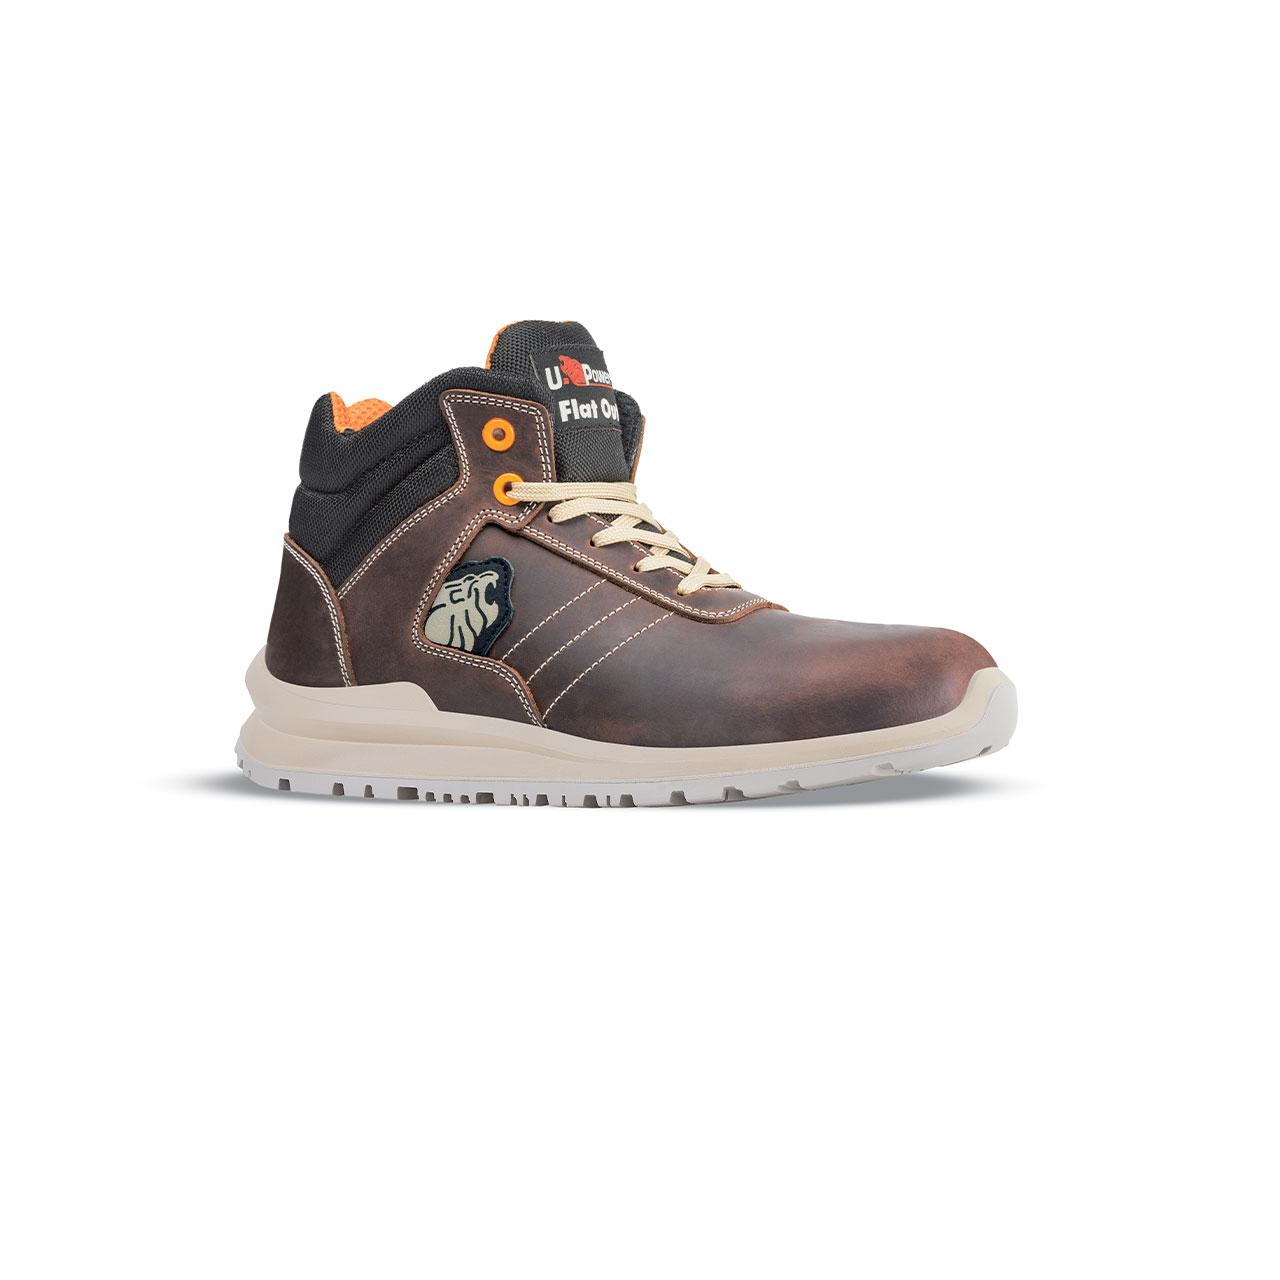 scarpa antinfortunistica upower modello ken linea flatout vista laterale